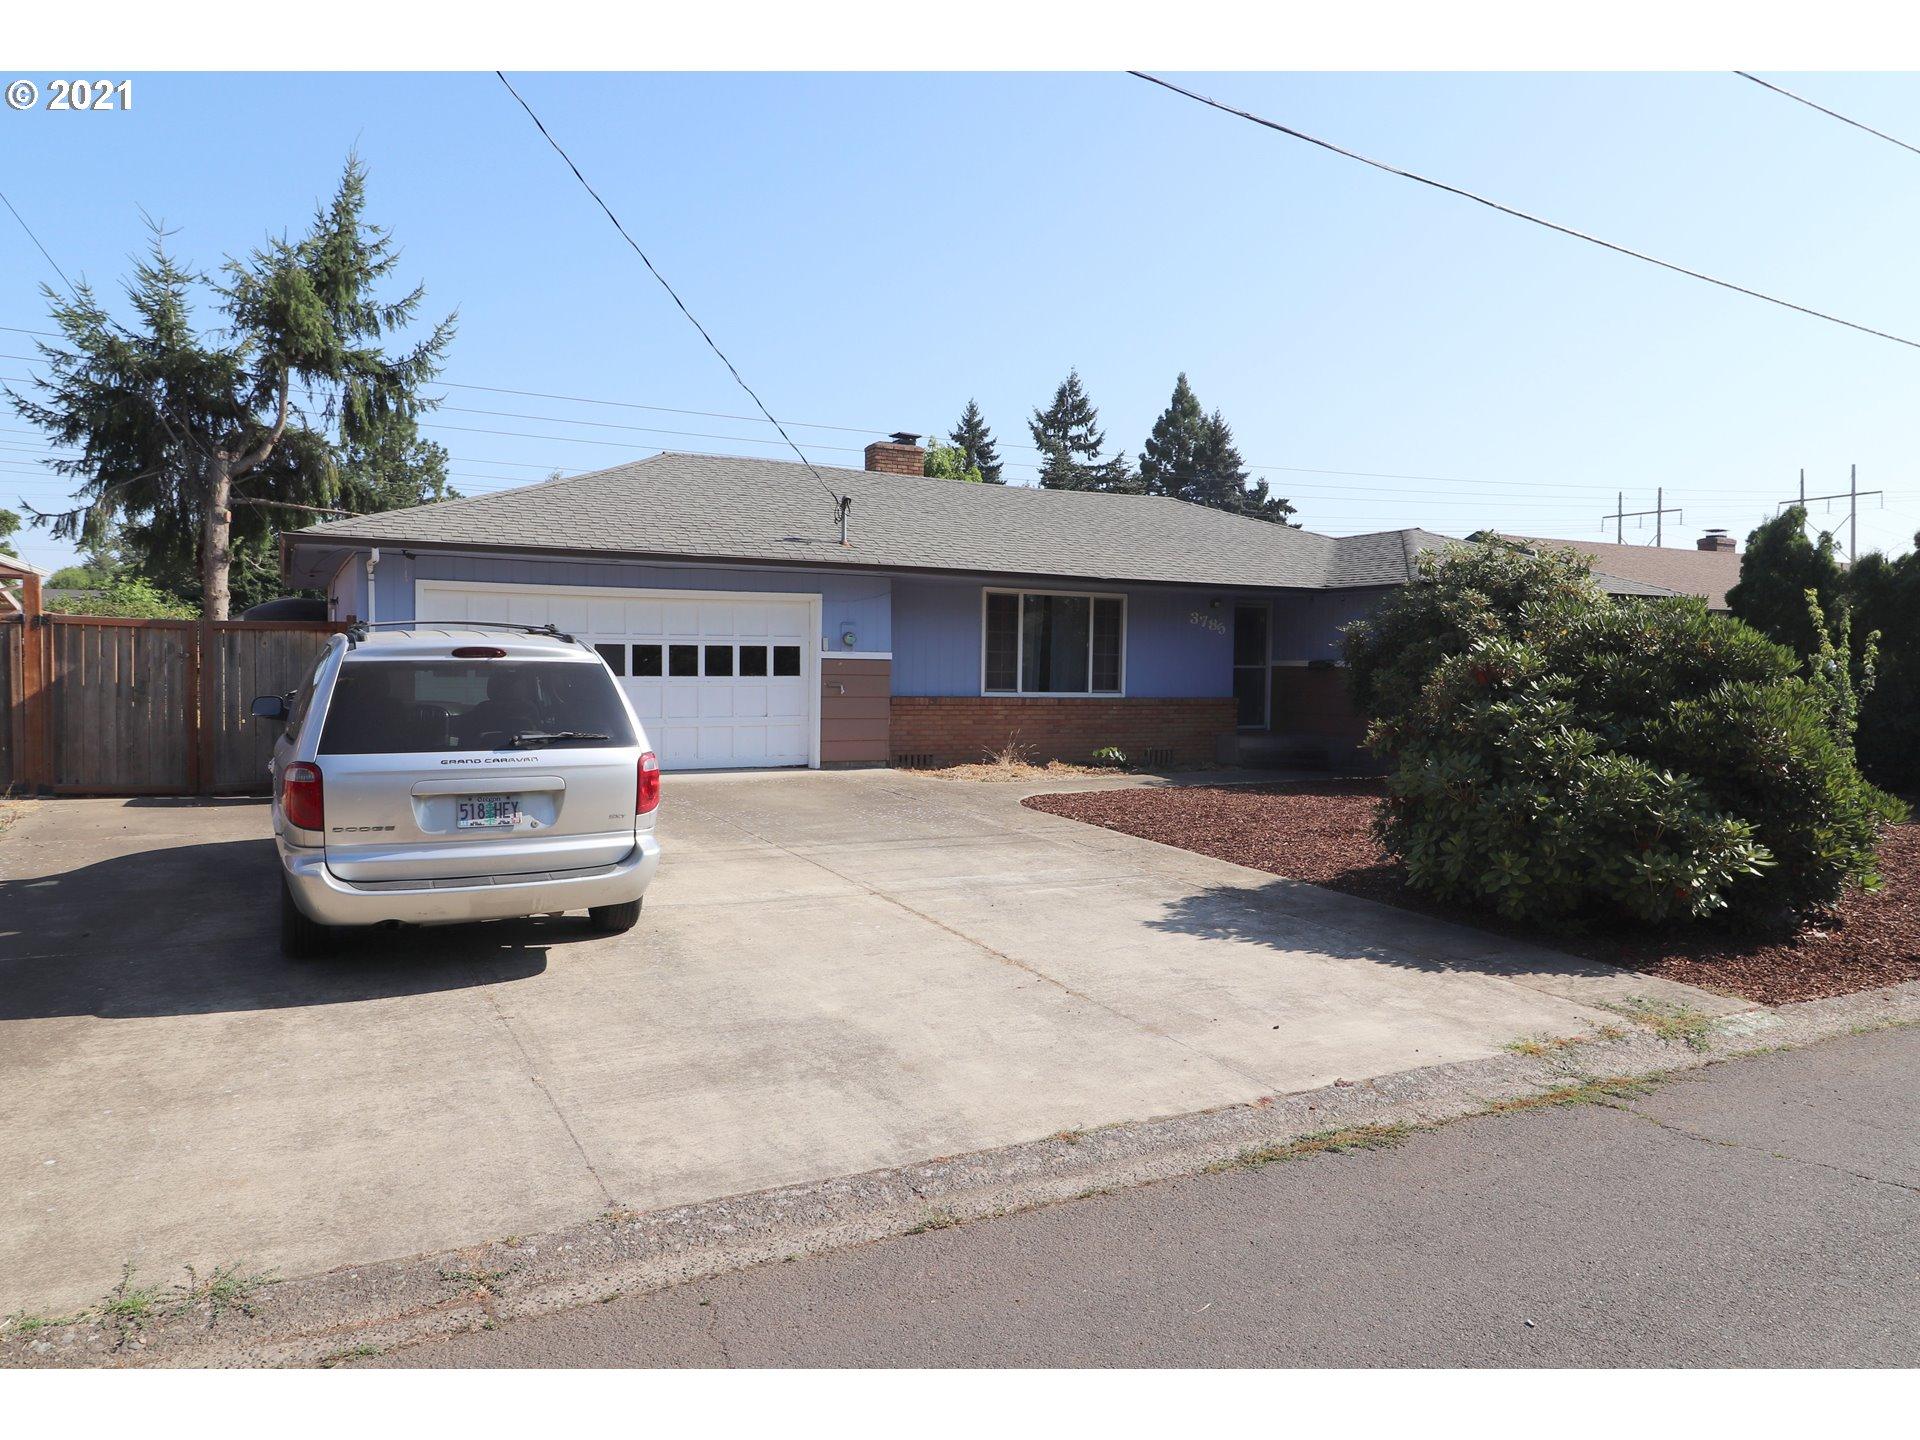 3785 HAWTHORNE AVE, Eugene OR 97402